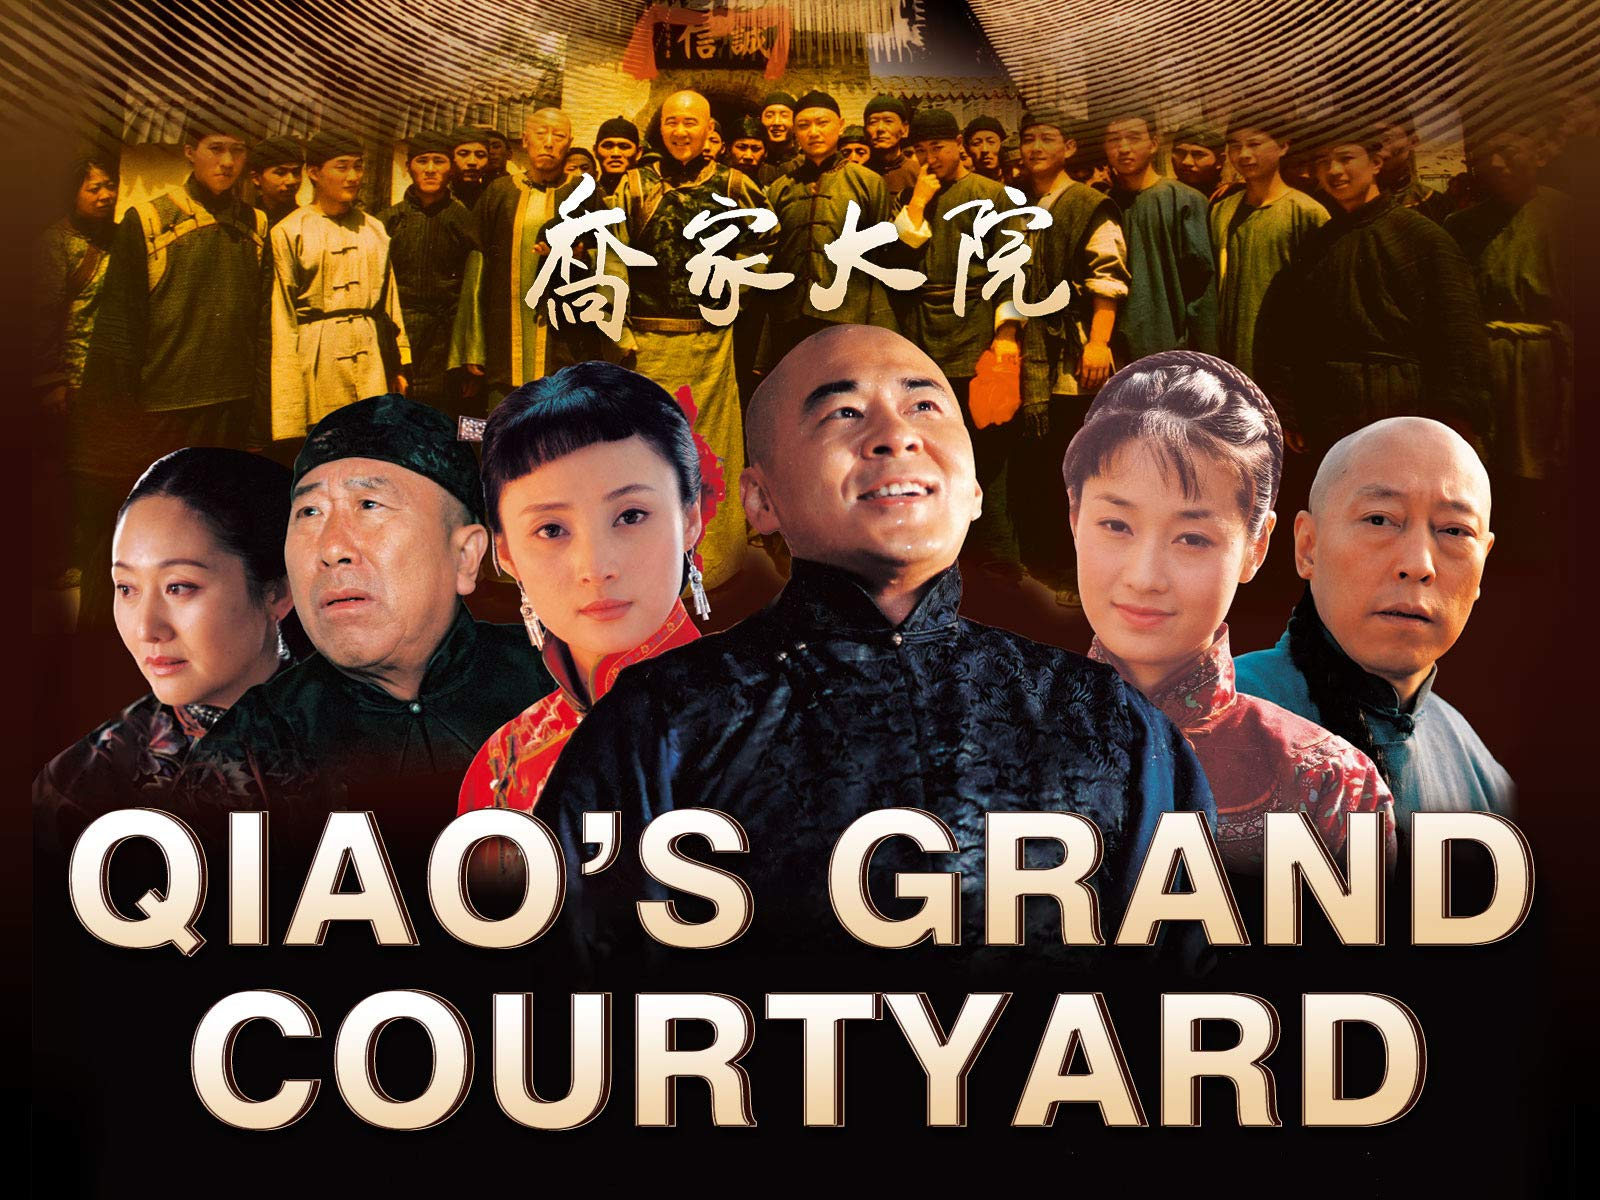 Qiao's Grand Courtyard - Season 1